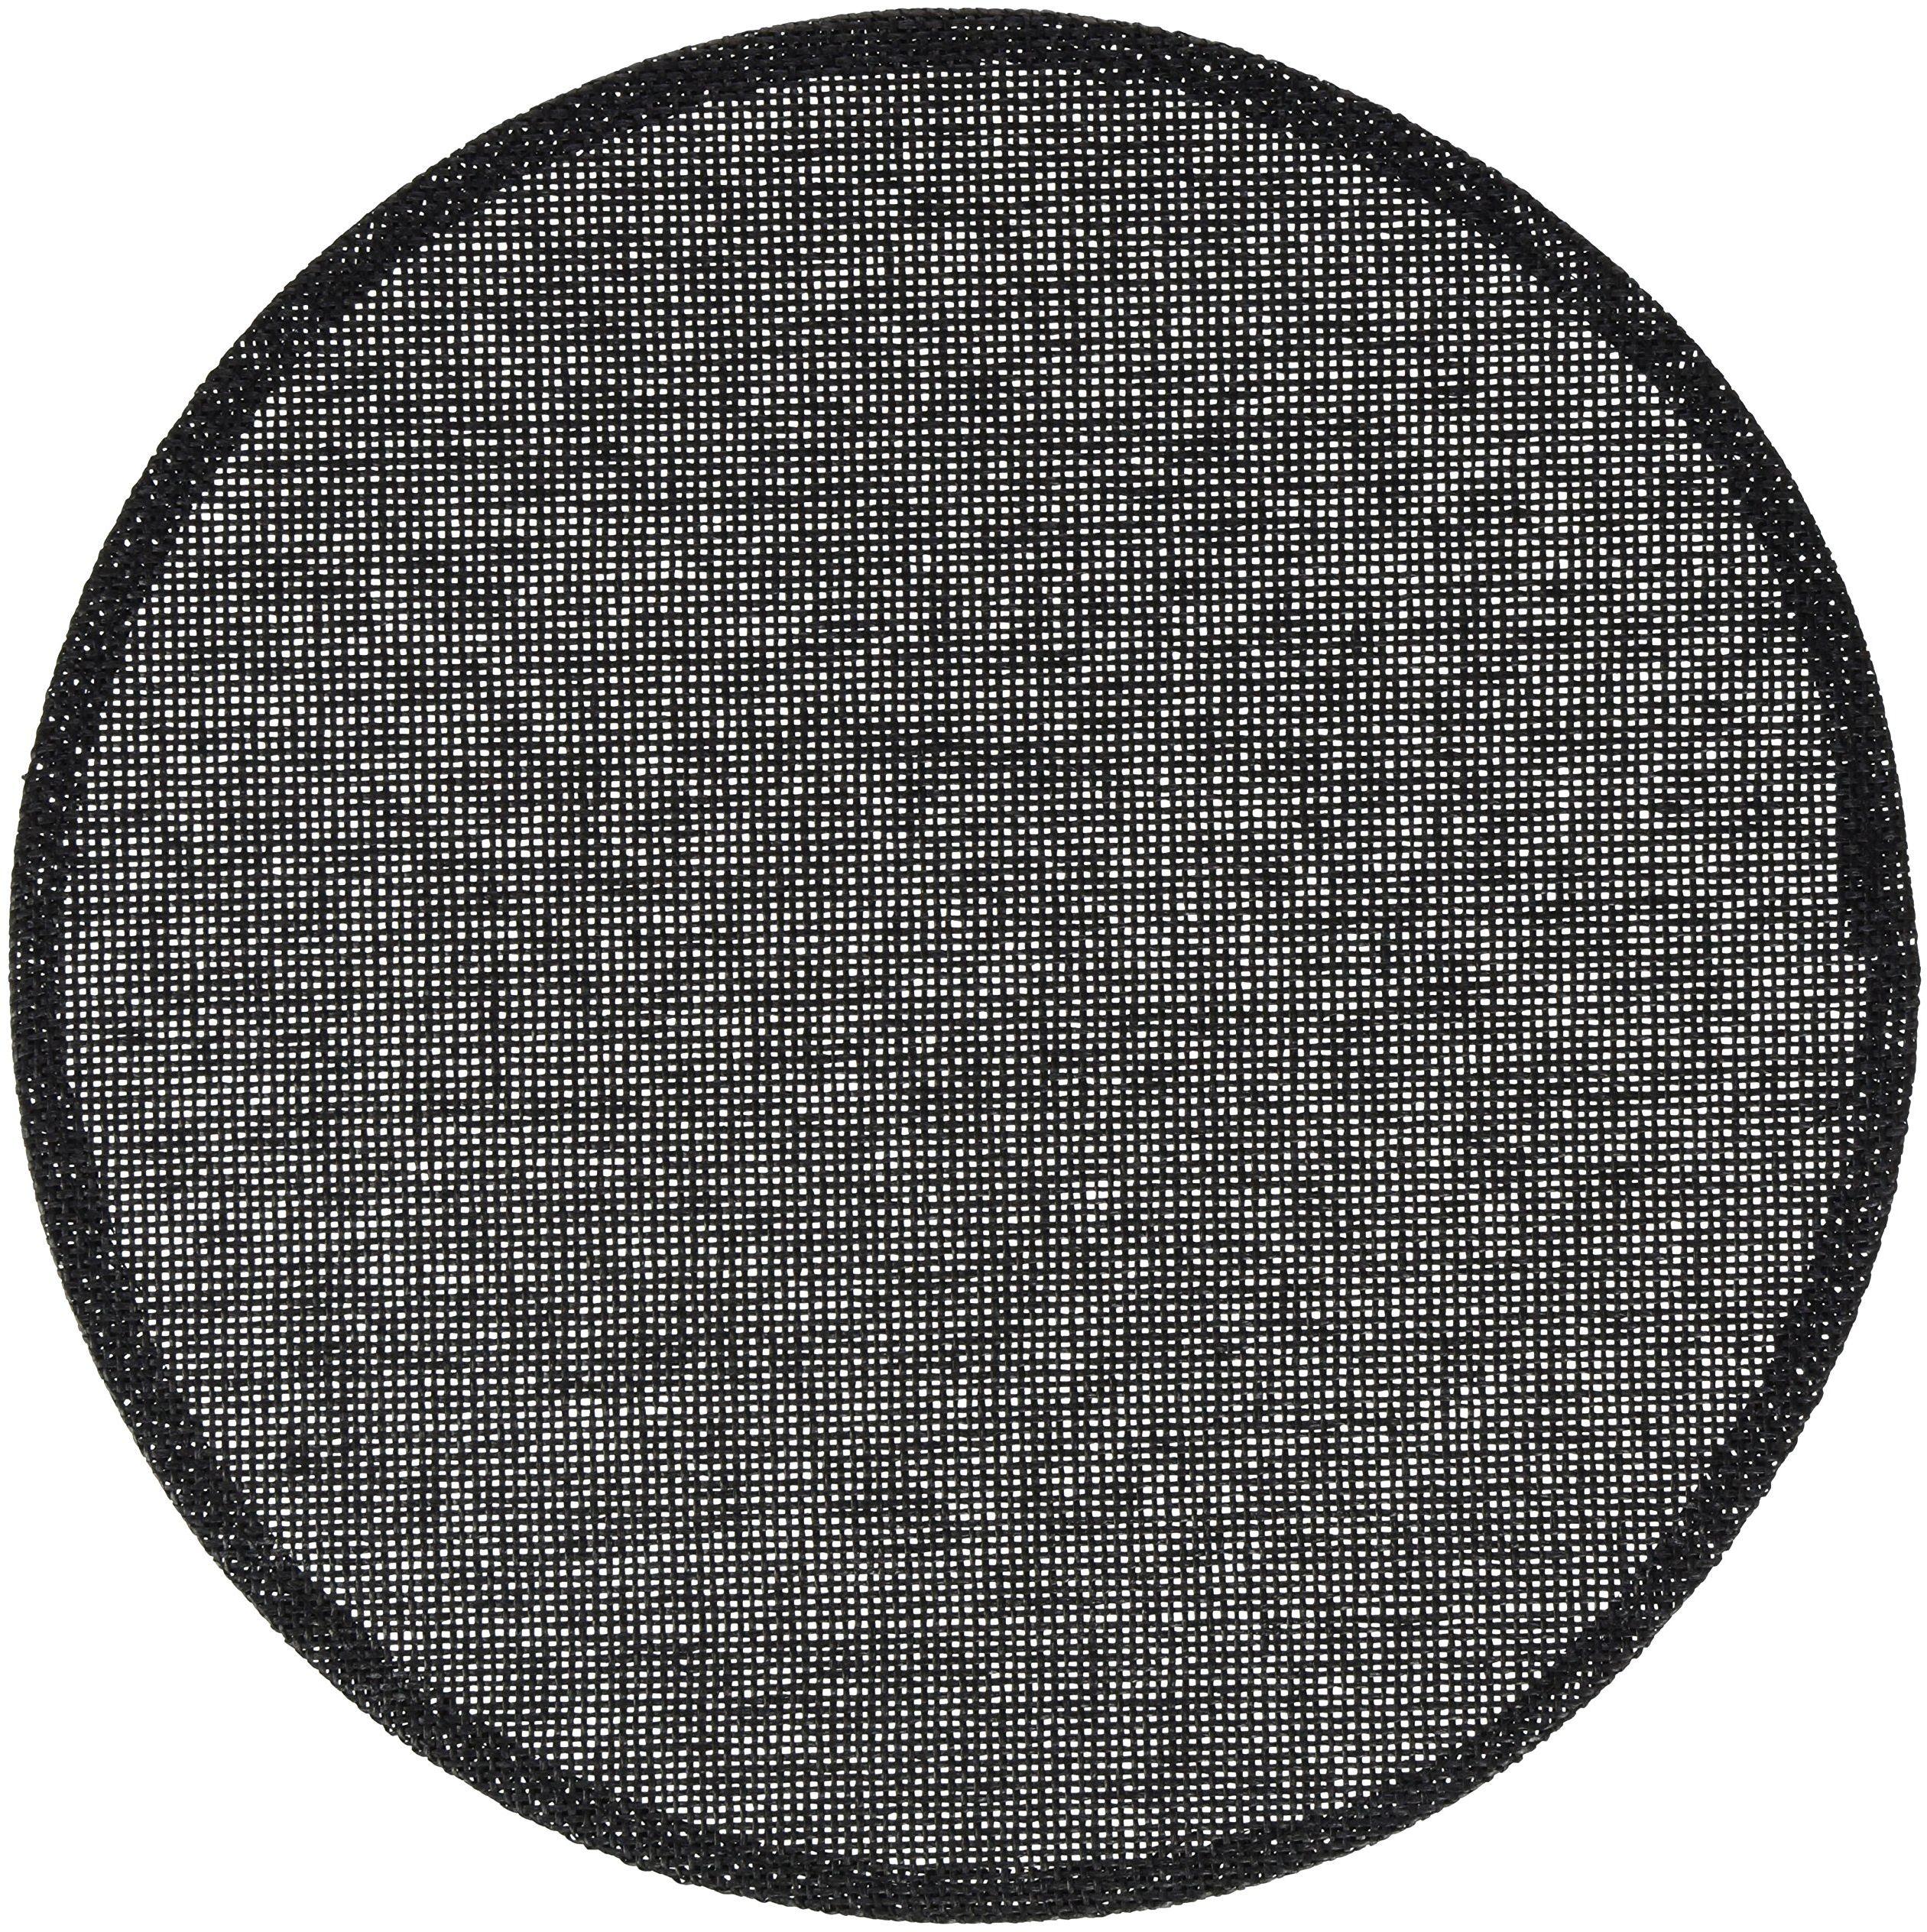 Calitex - Zestaw podkładek na stół z bambusa, czarny, 38 x 38 cm